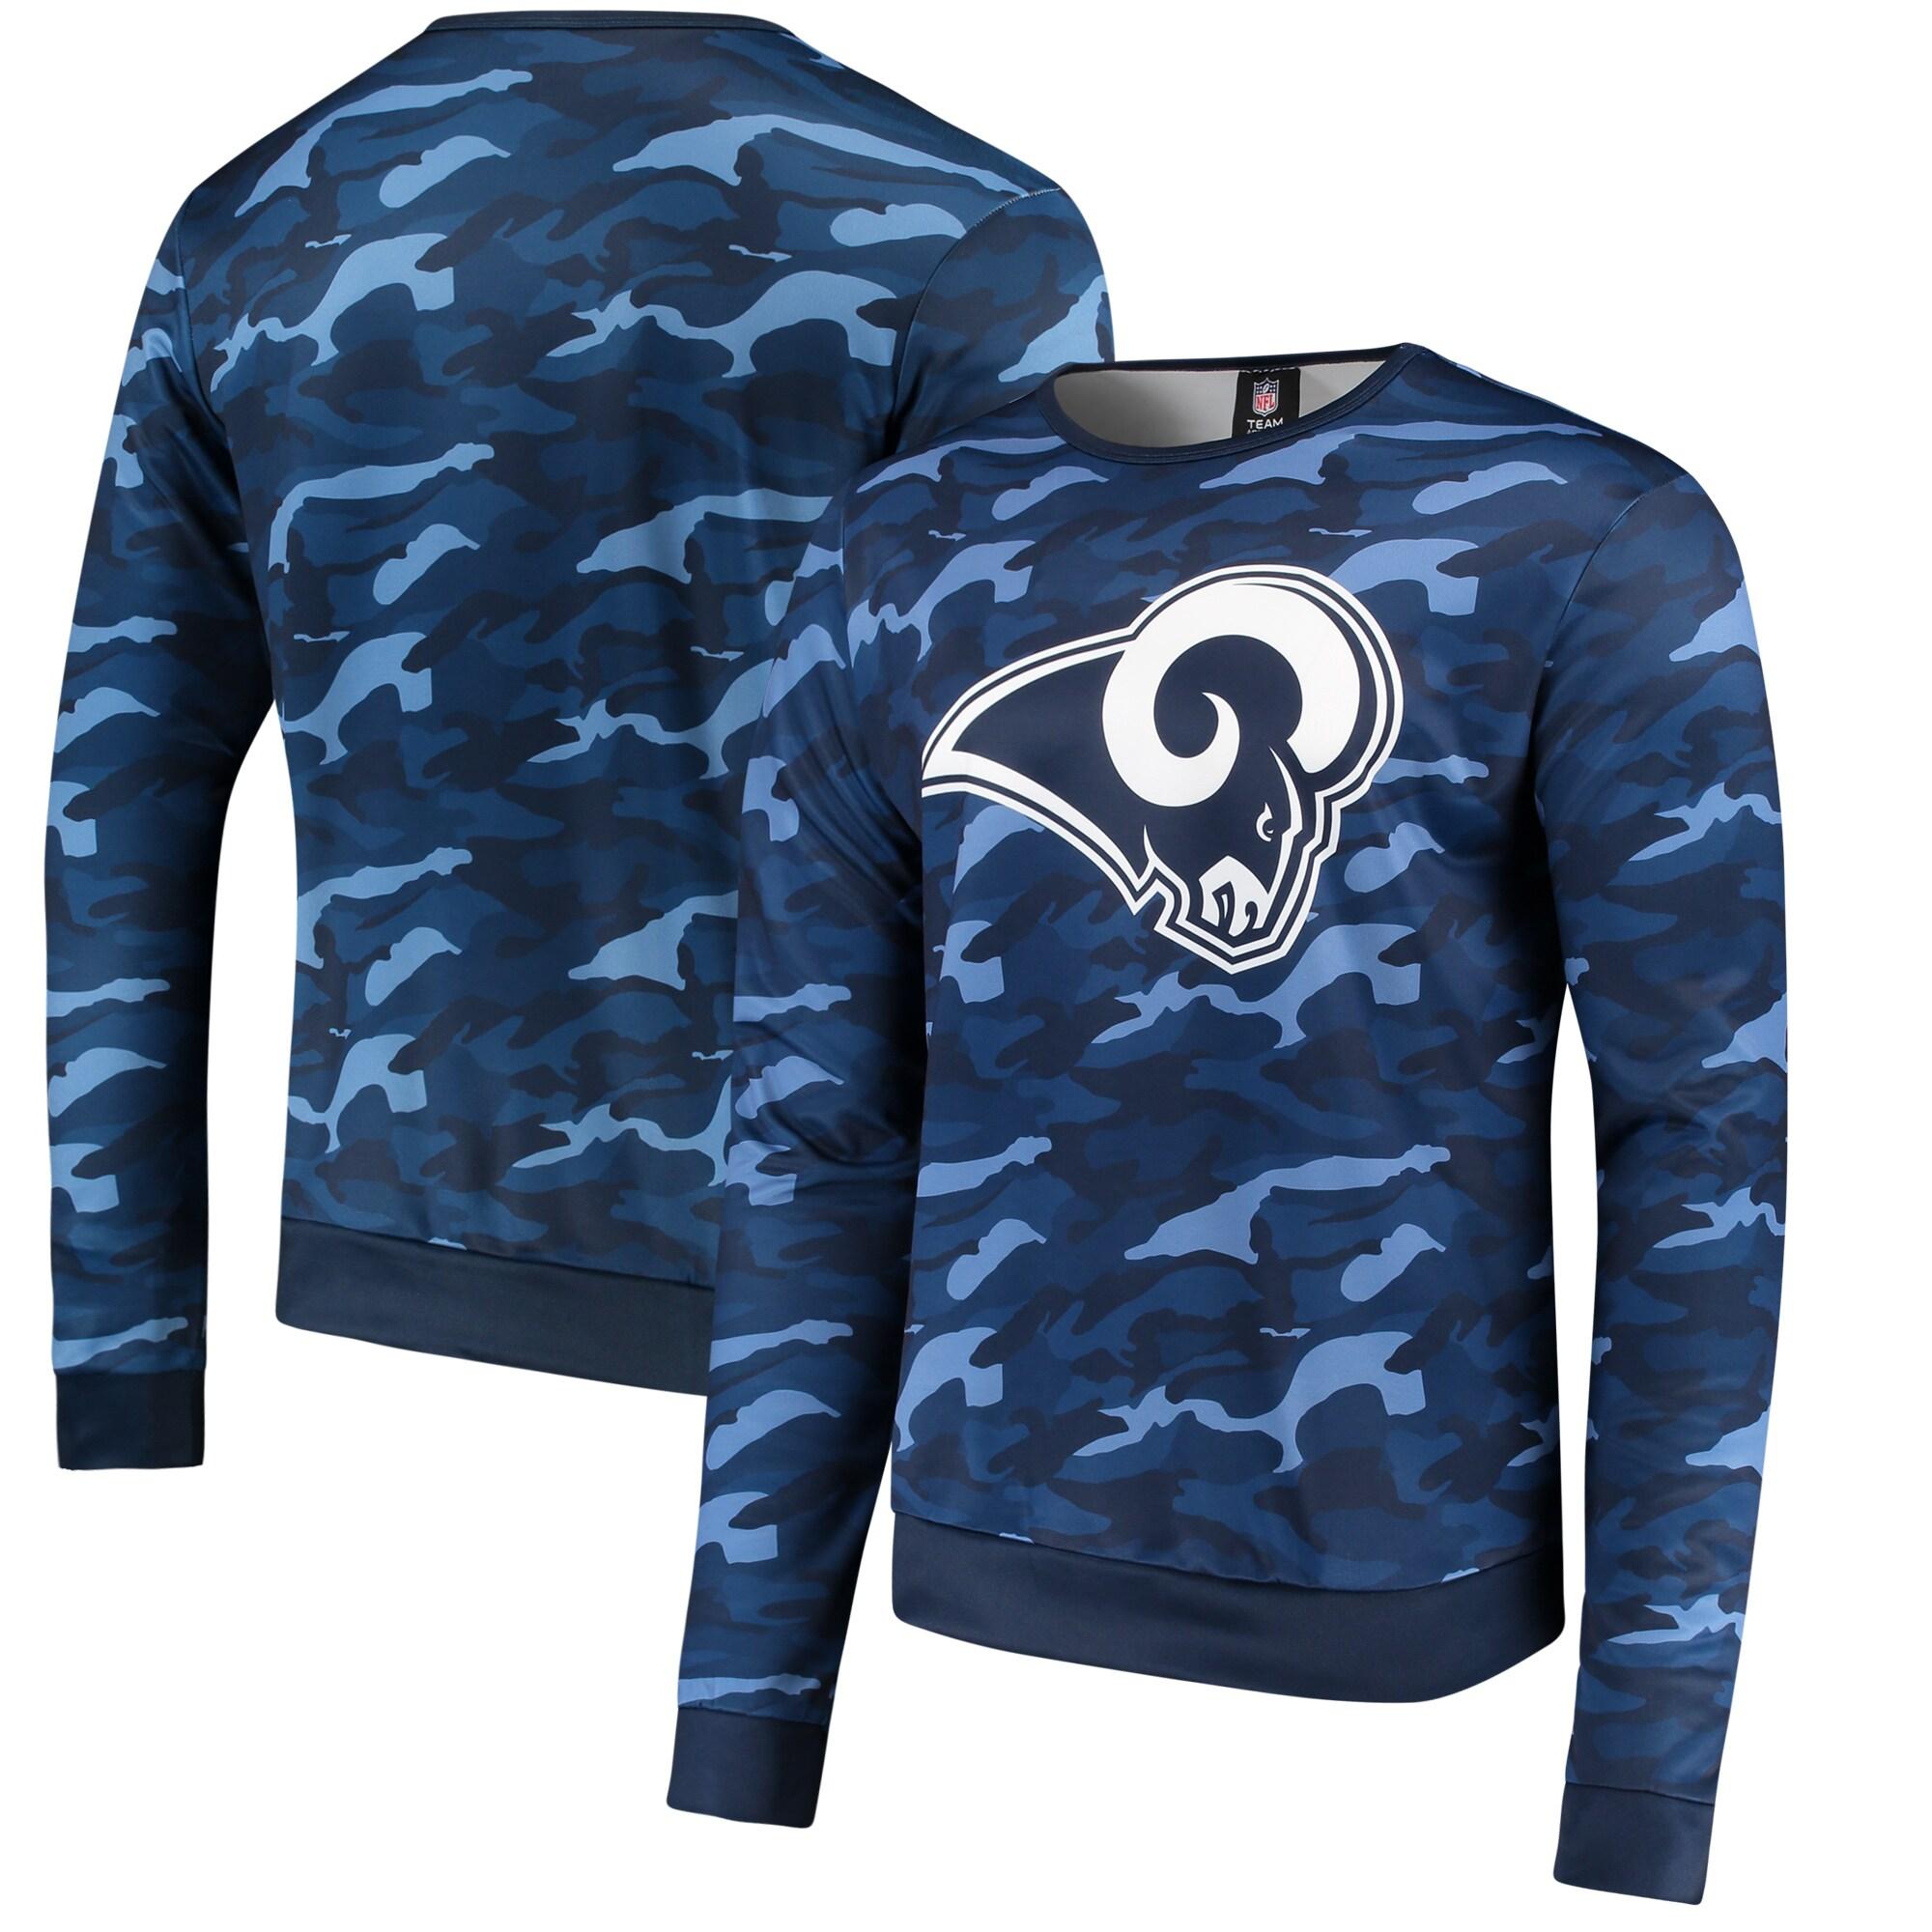 Los Angeles Rams Camo Sweatshirt - Navy